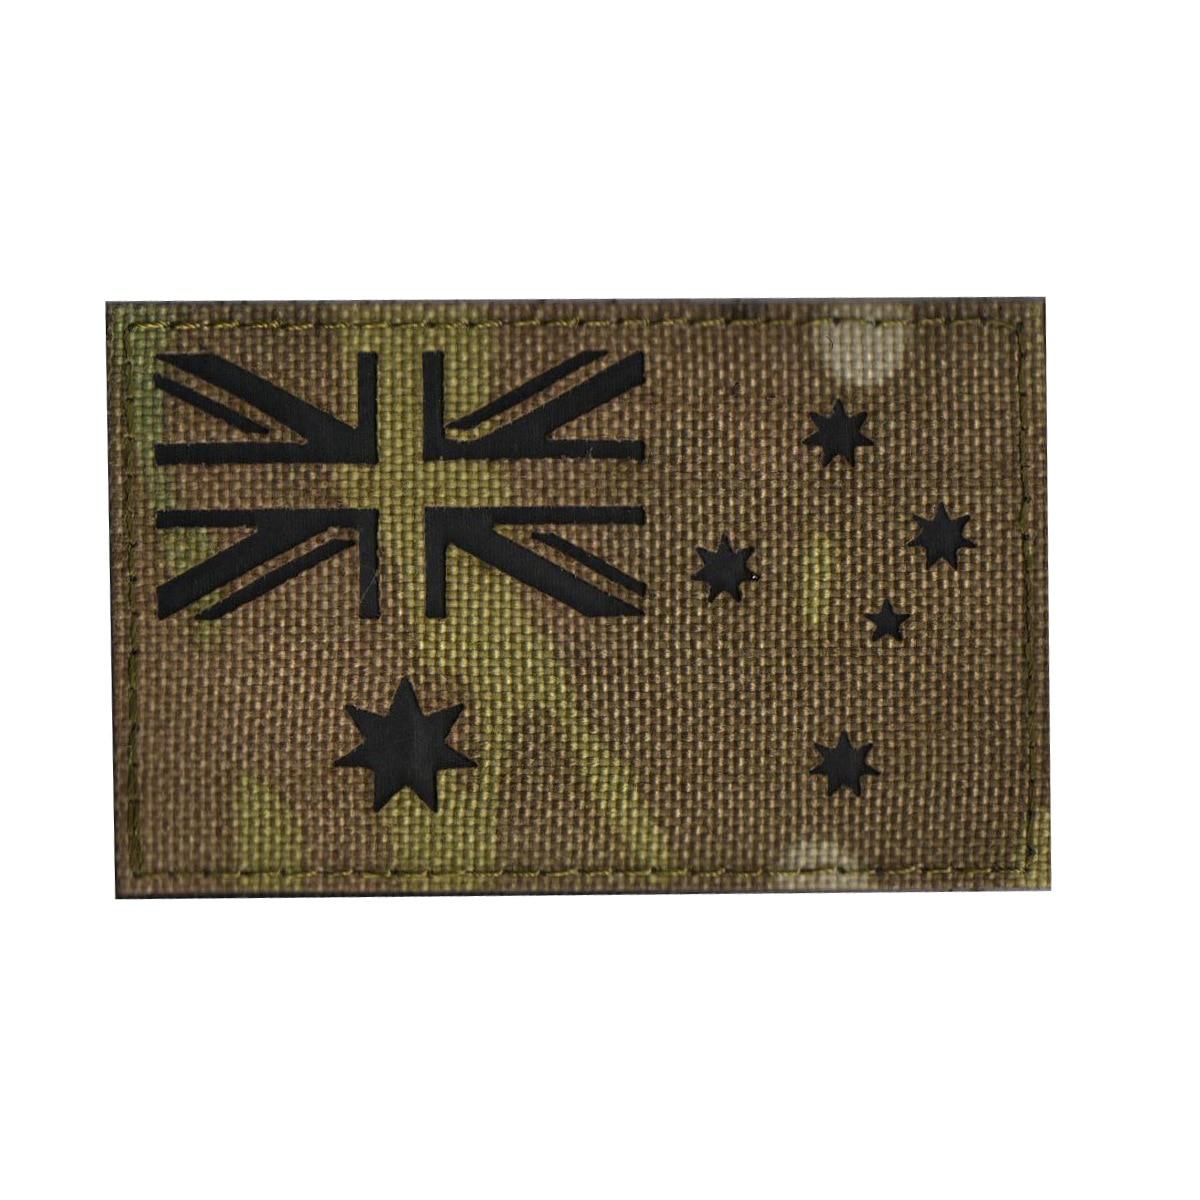 Aor2 Camouflage IR Laser Carving Shoulder Emblem Velcro Label Australia New Zealand Reflective Shoulder Emblem Bag With Chapter